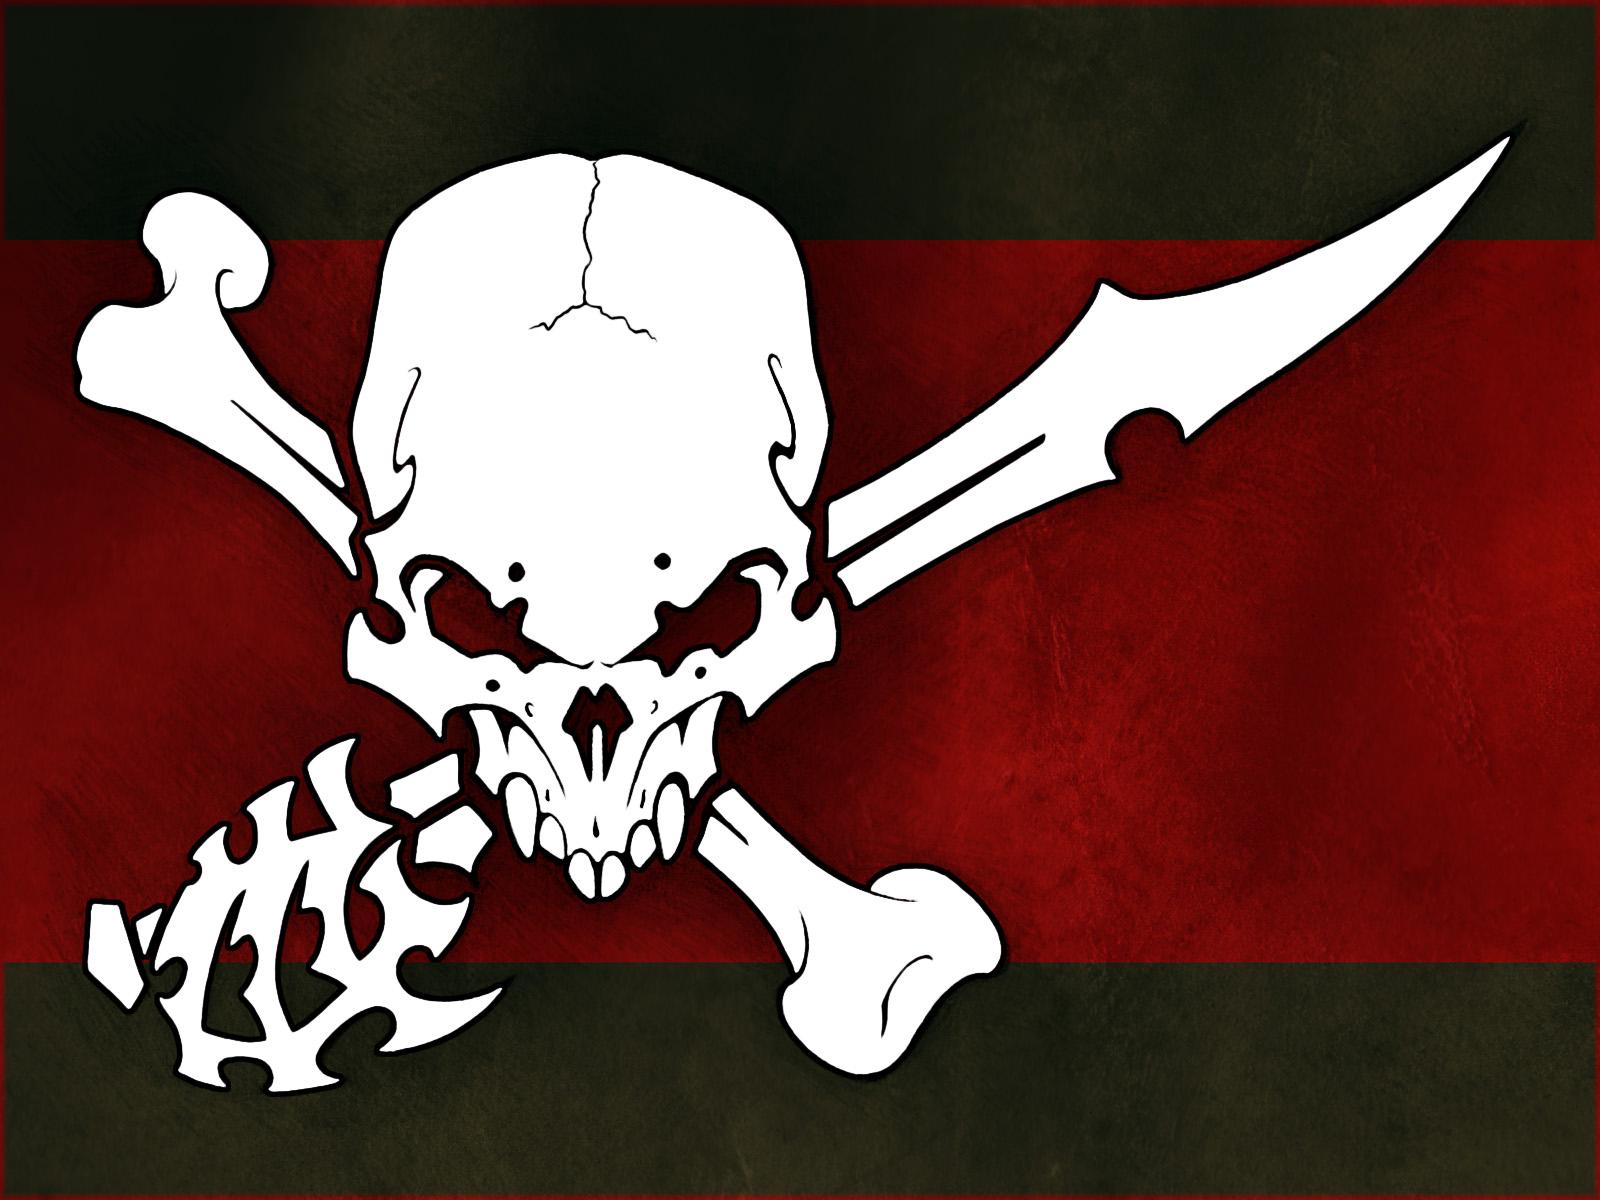 Coolflag.jpg